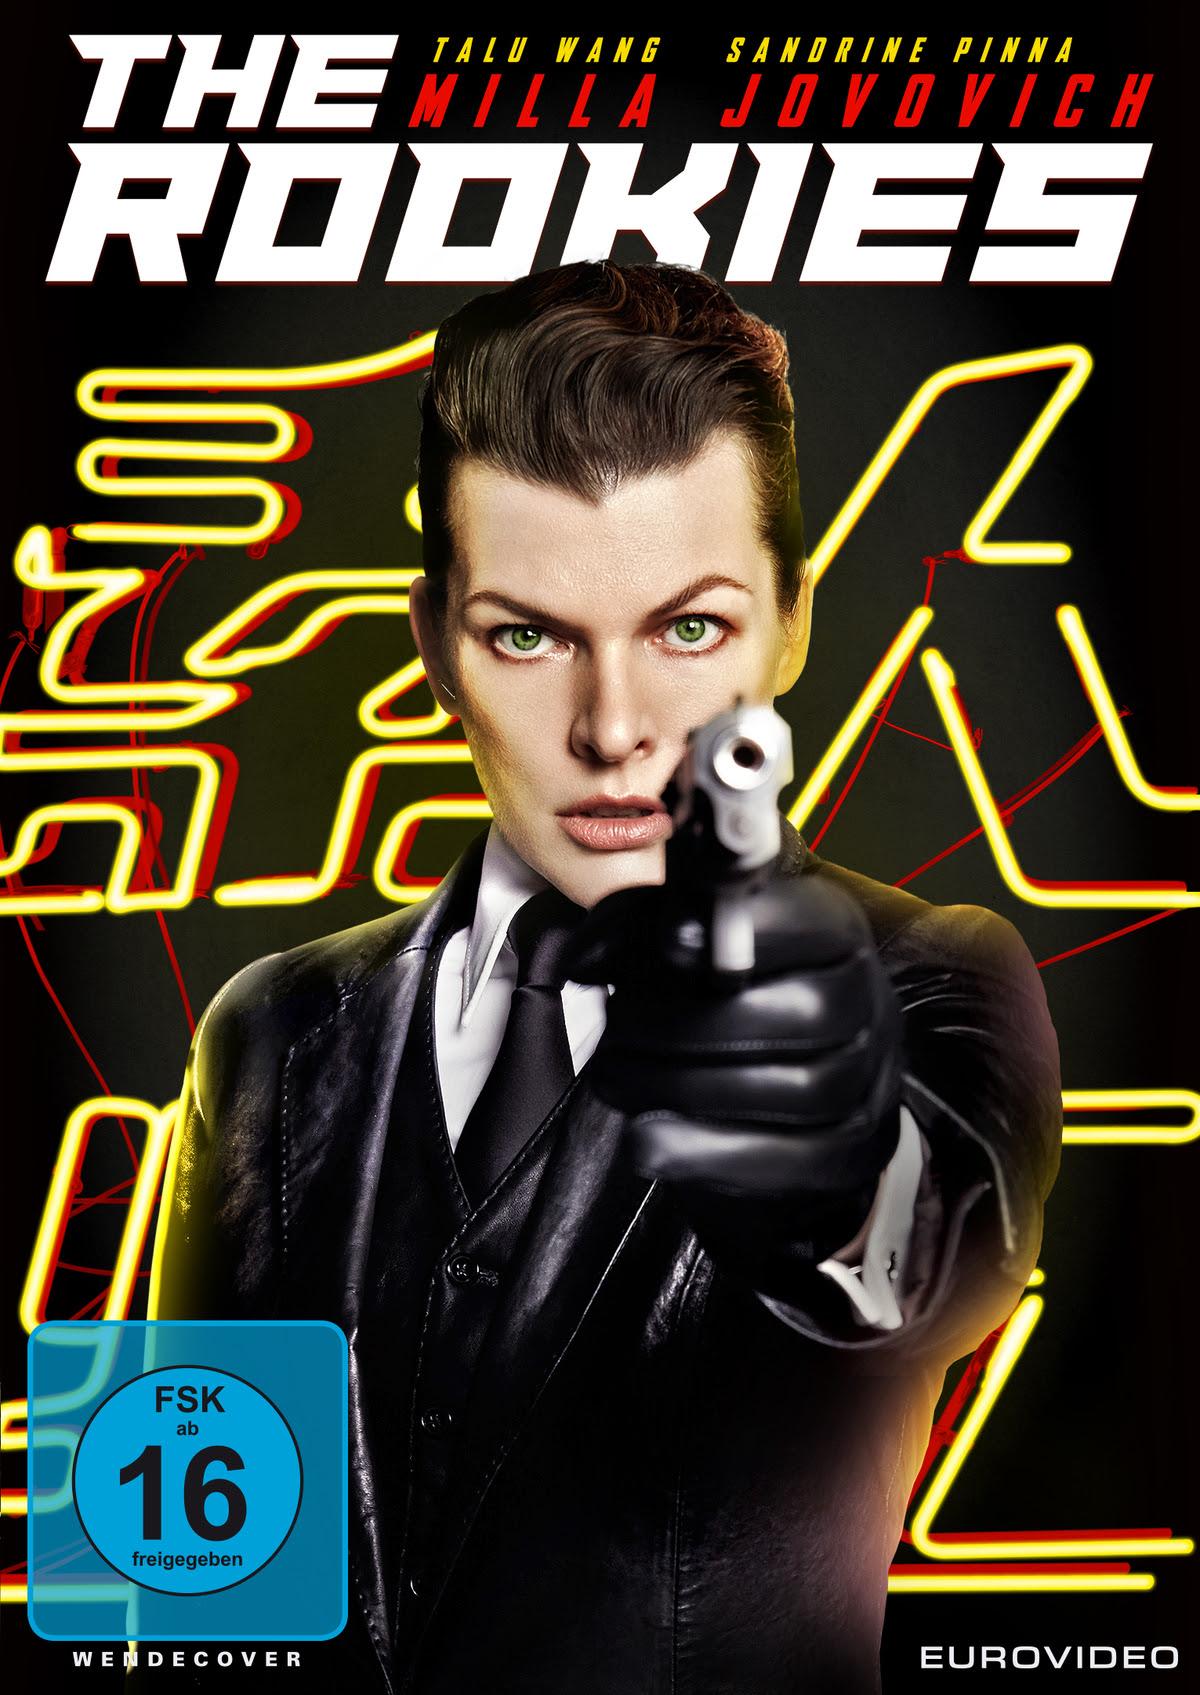 THE ROOKIES   Mit Milla Jovovich   Ab 22. Juli 2021 als DVD und Blu-ray erhältlich   Digital bereits ab 8. Juli 2021 verfügbar